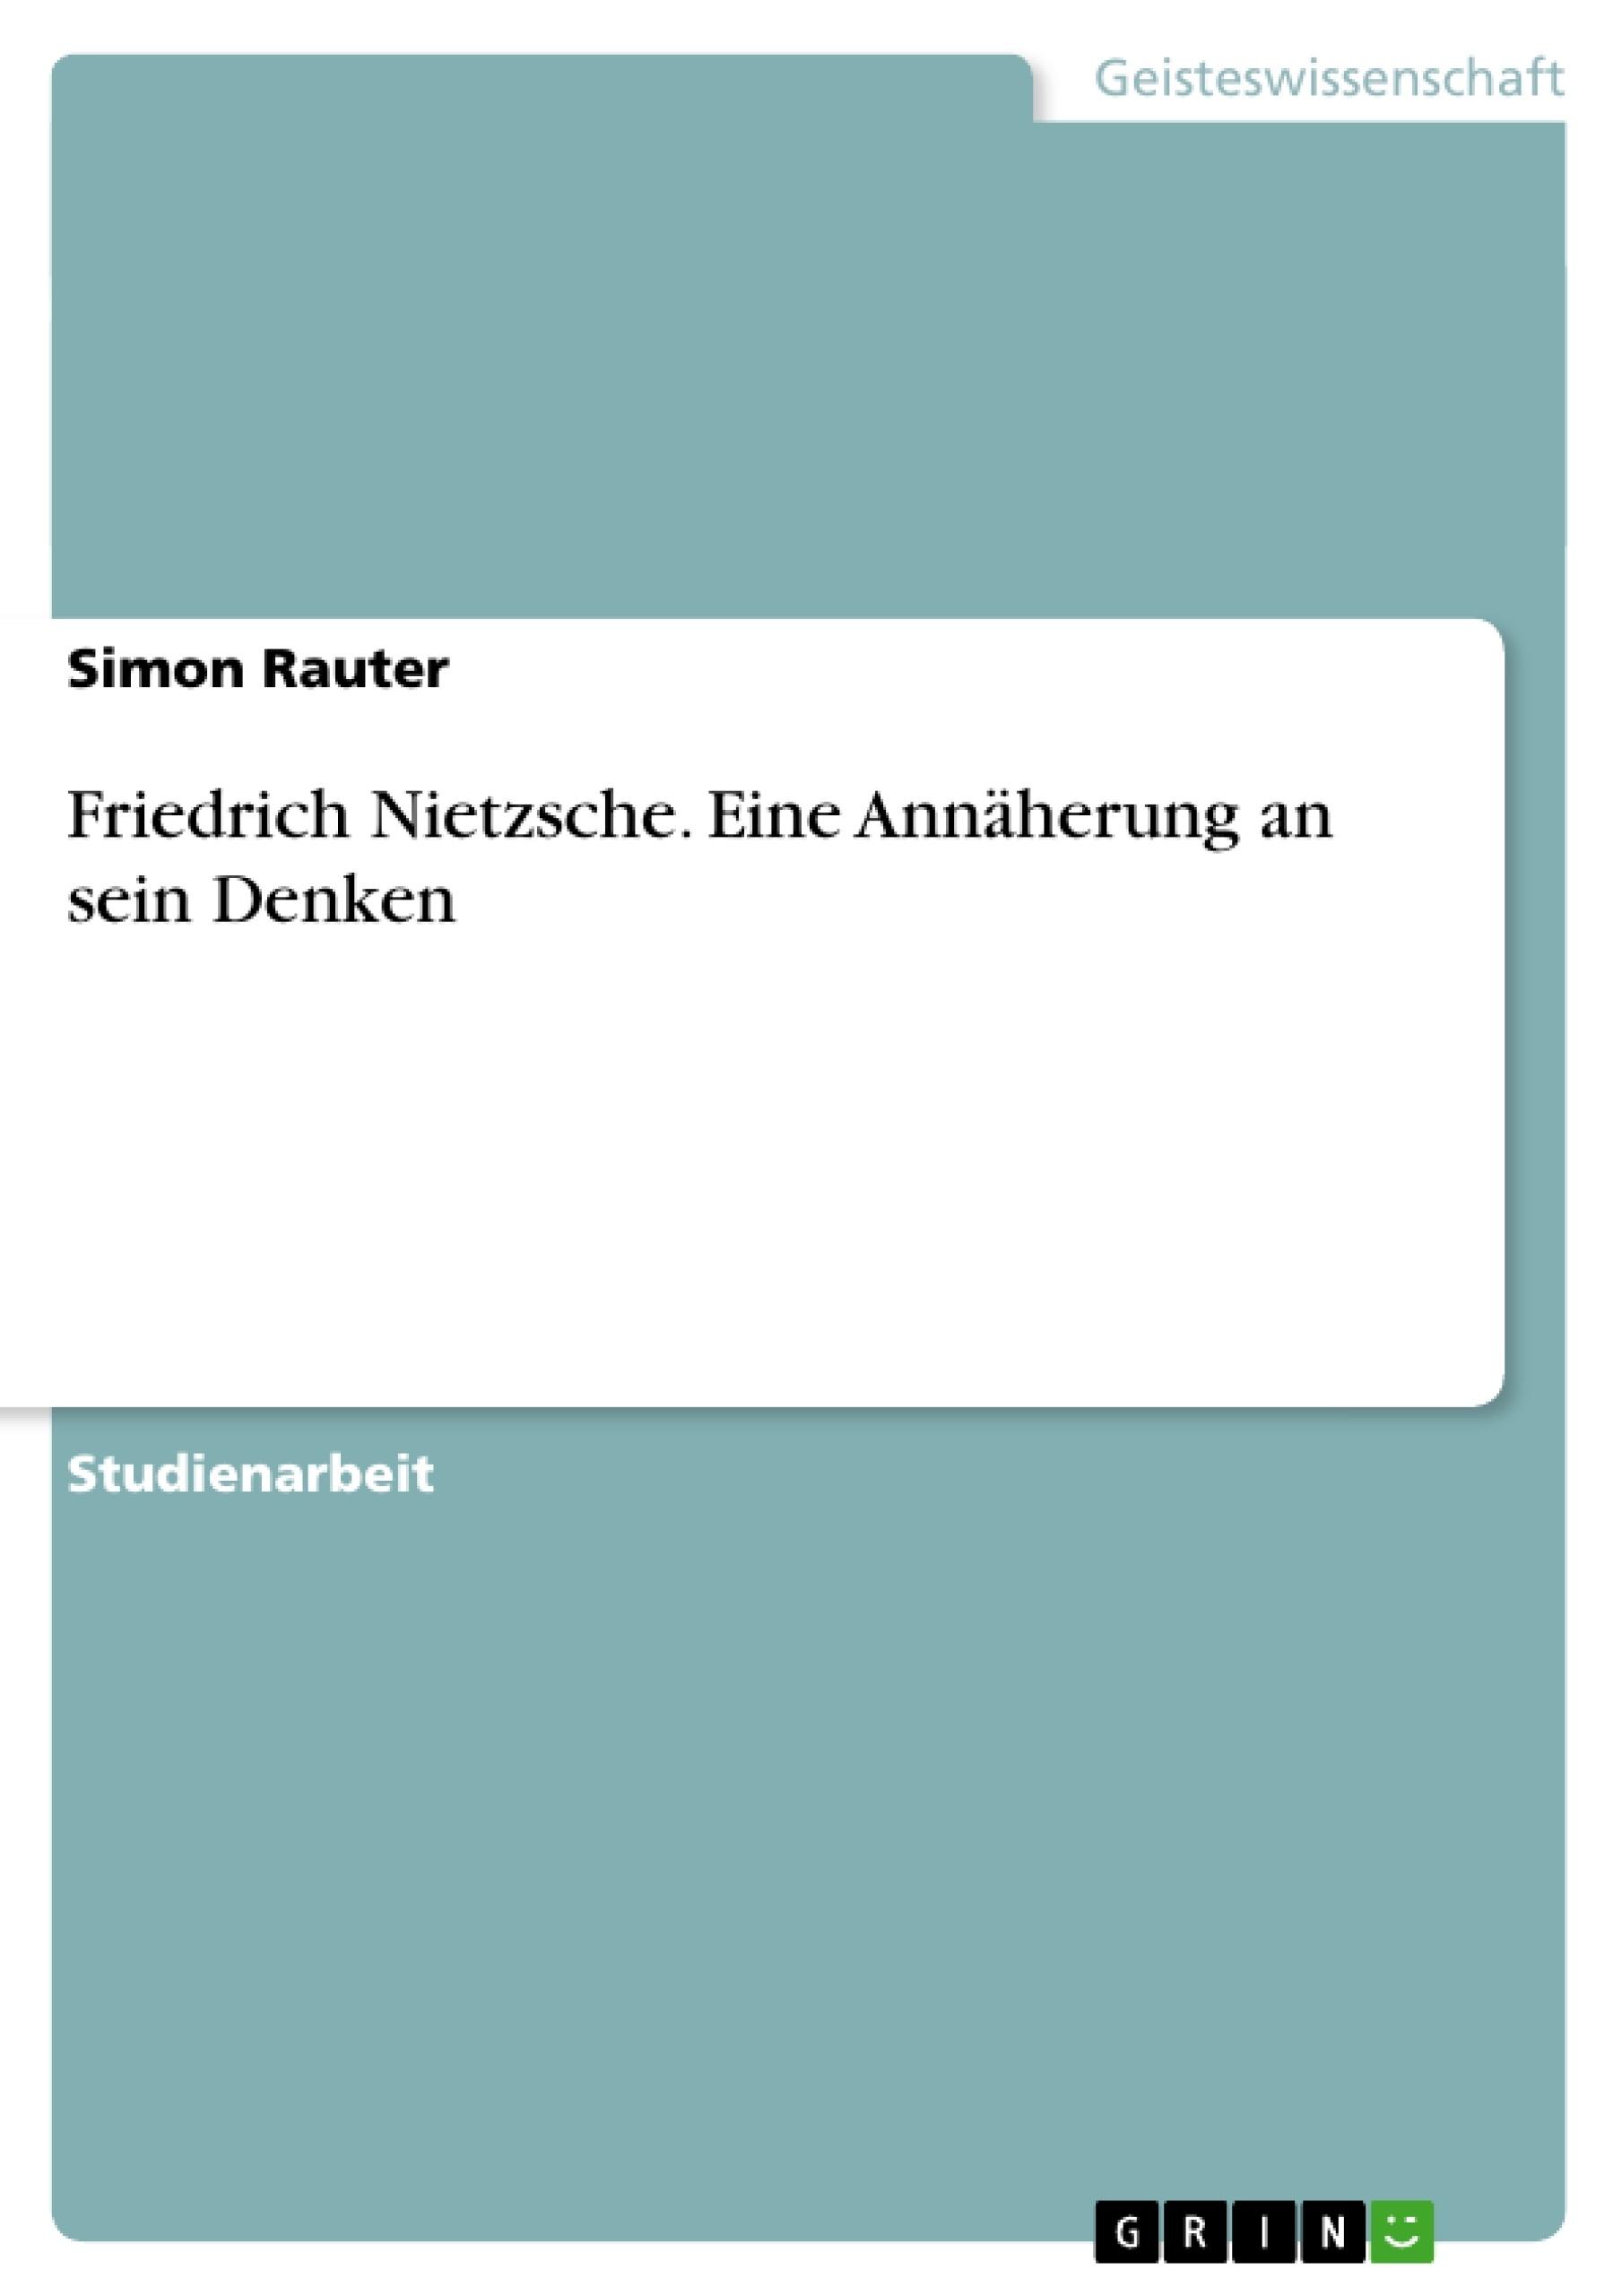 Titel: Friedrich Nietzsche. Eine Annäherung an sein Denken